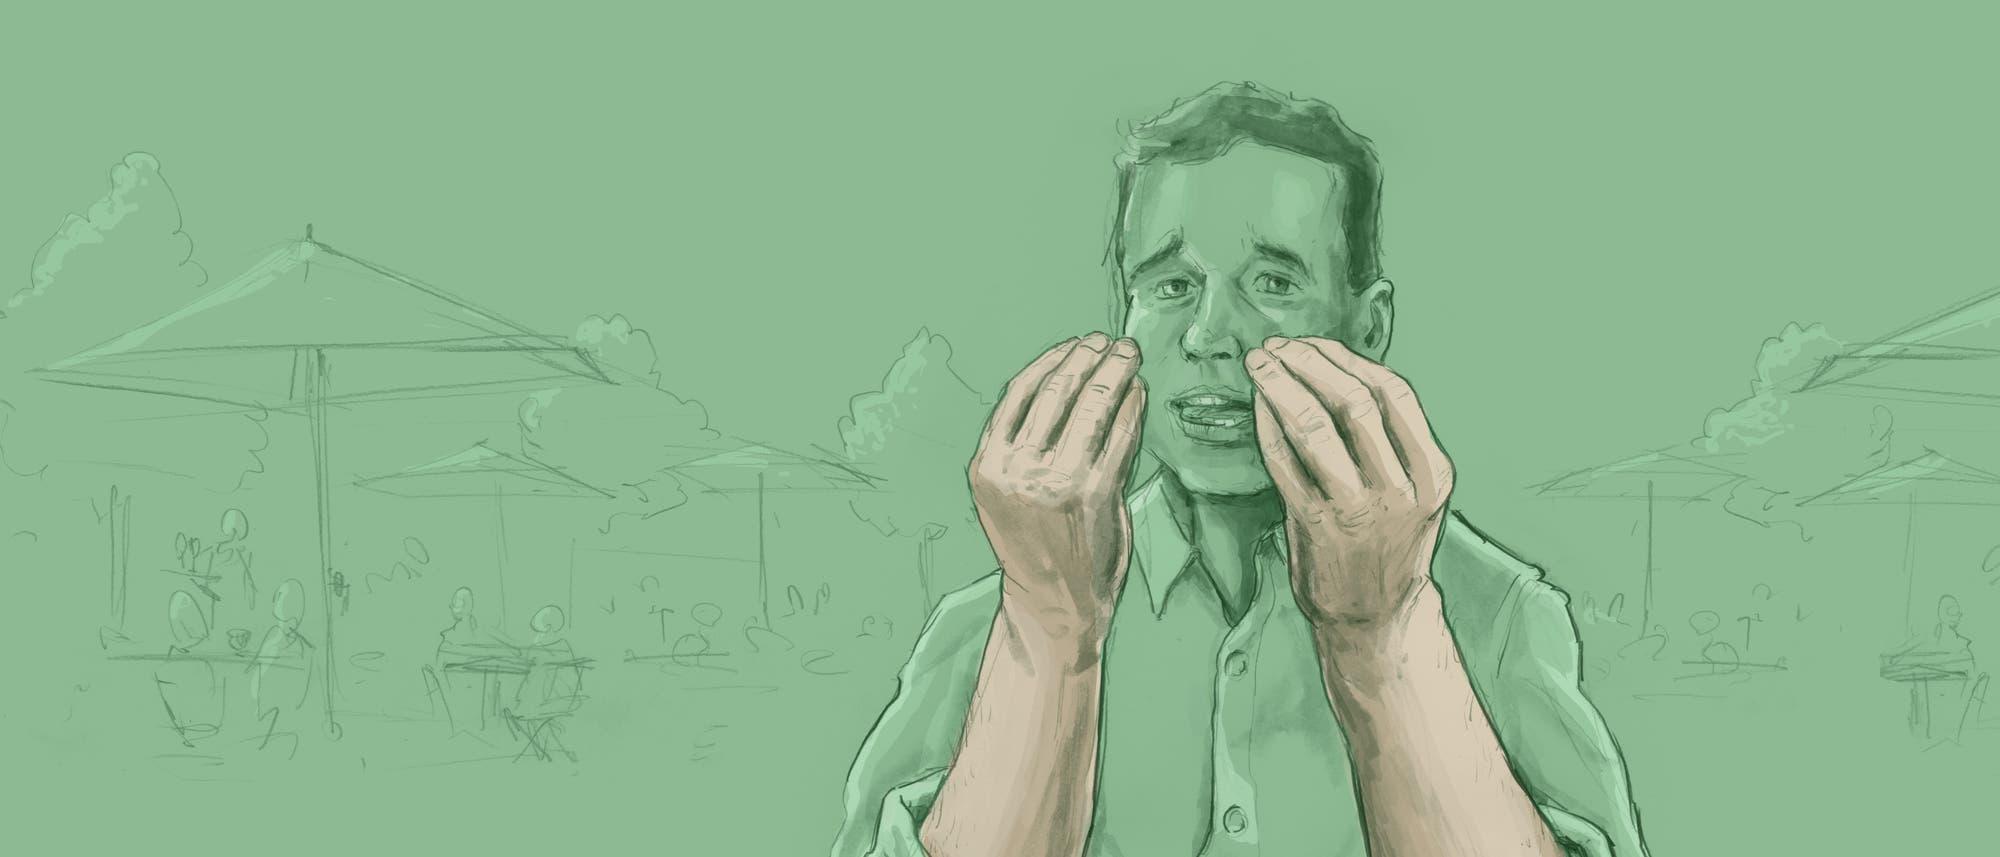 Illustration eines mit den Händen gestikulierenden Mannes